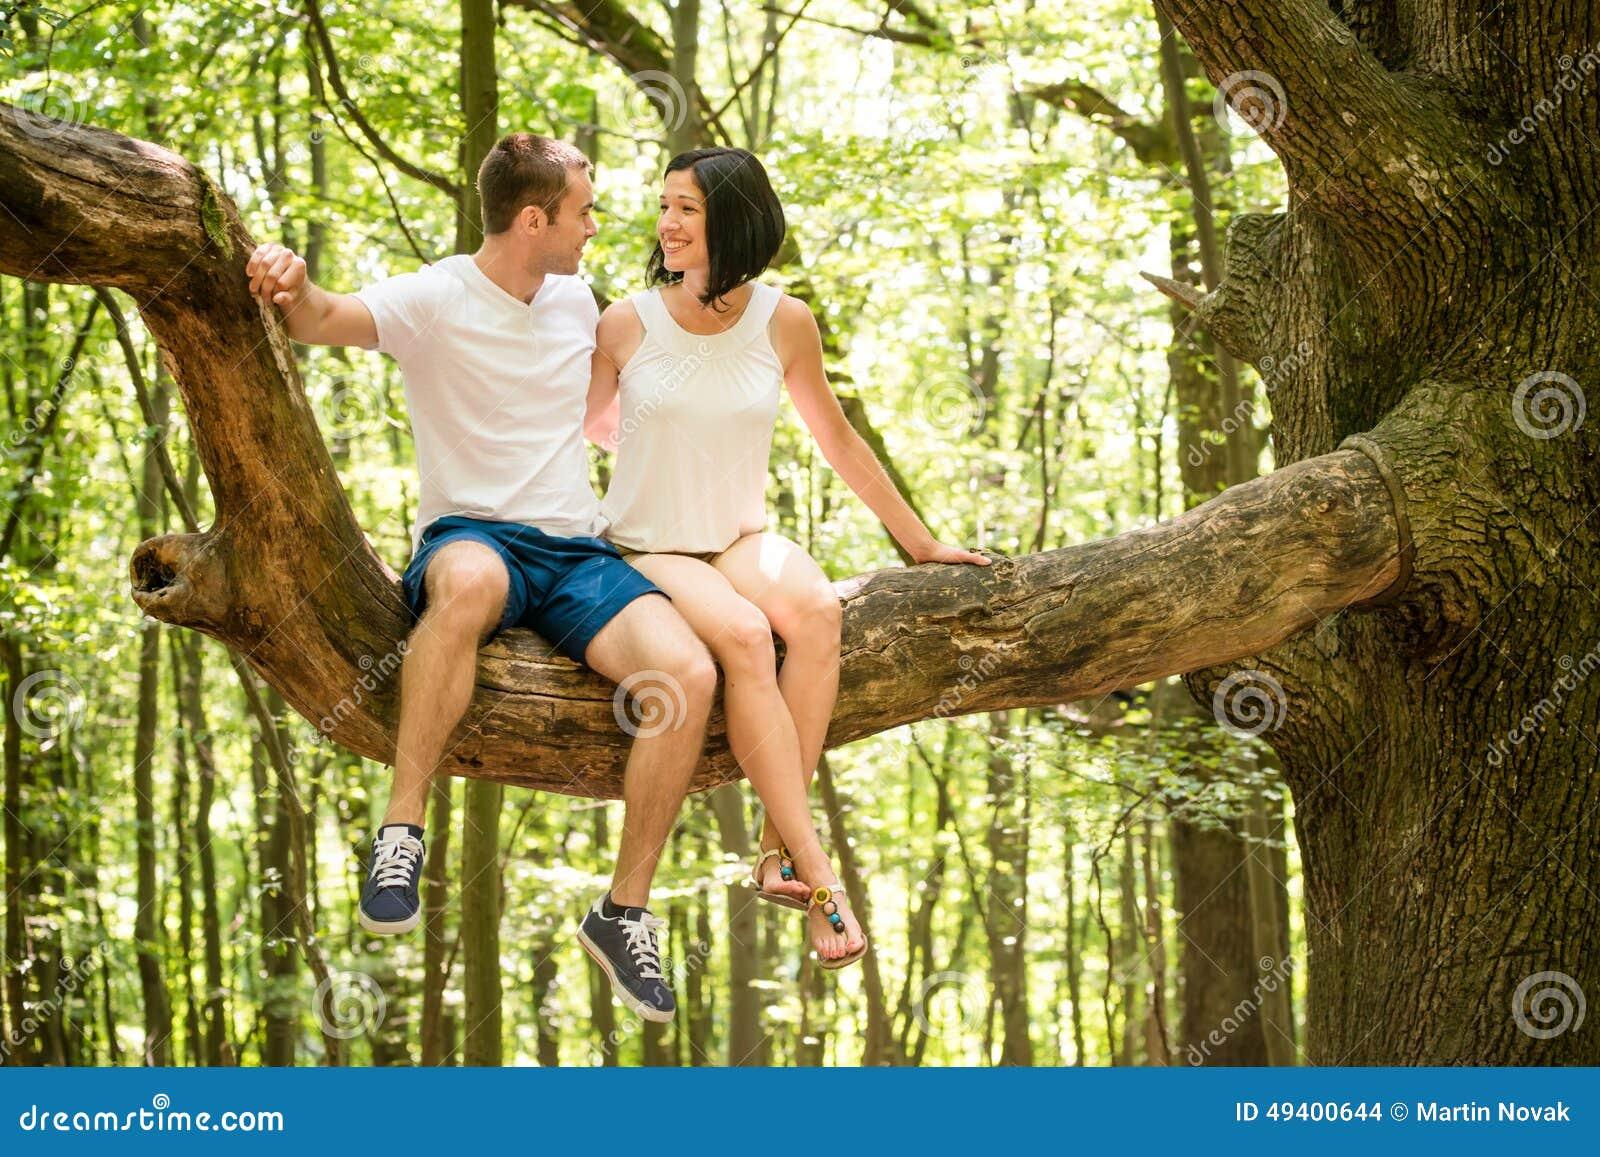 Download Liebe - Datum am Baum stockfoto. Bild von wald, sitting - 49400644